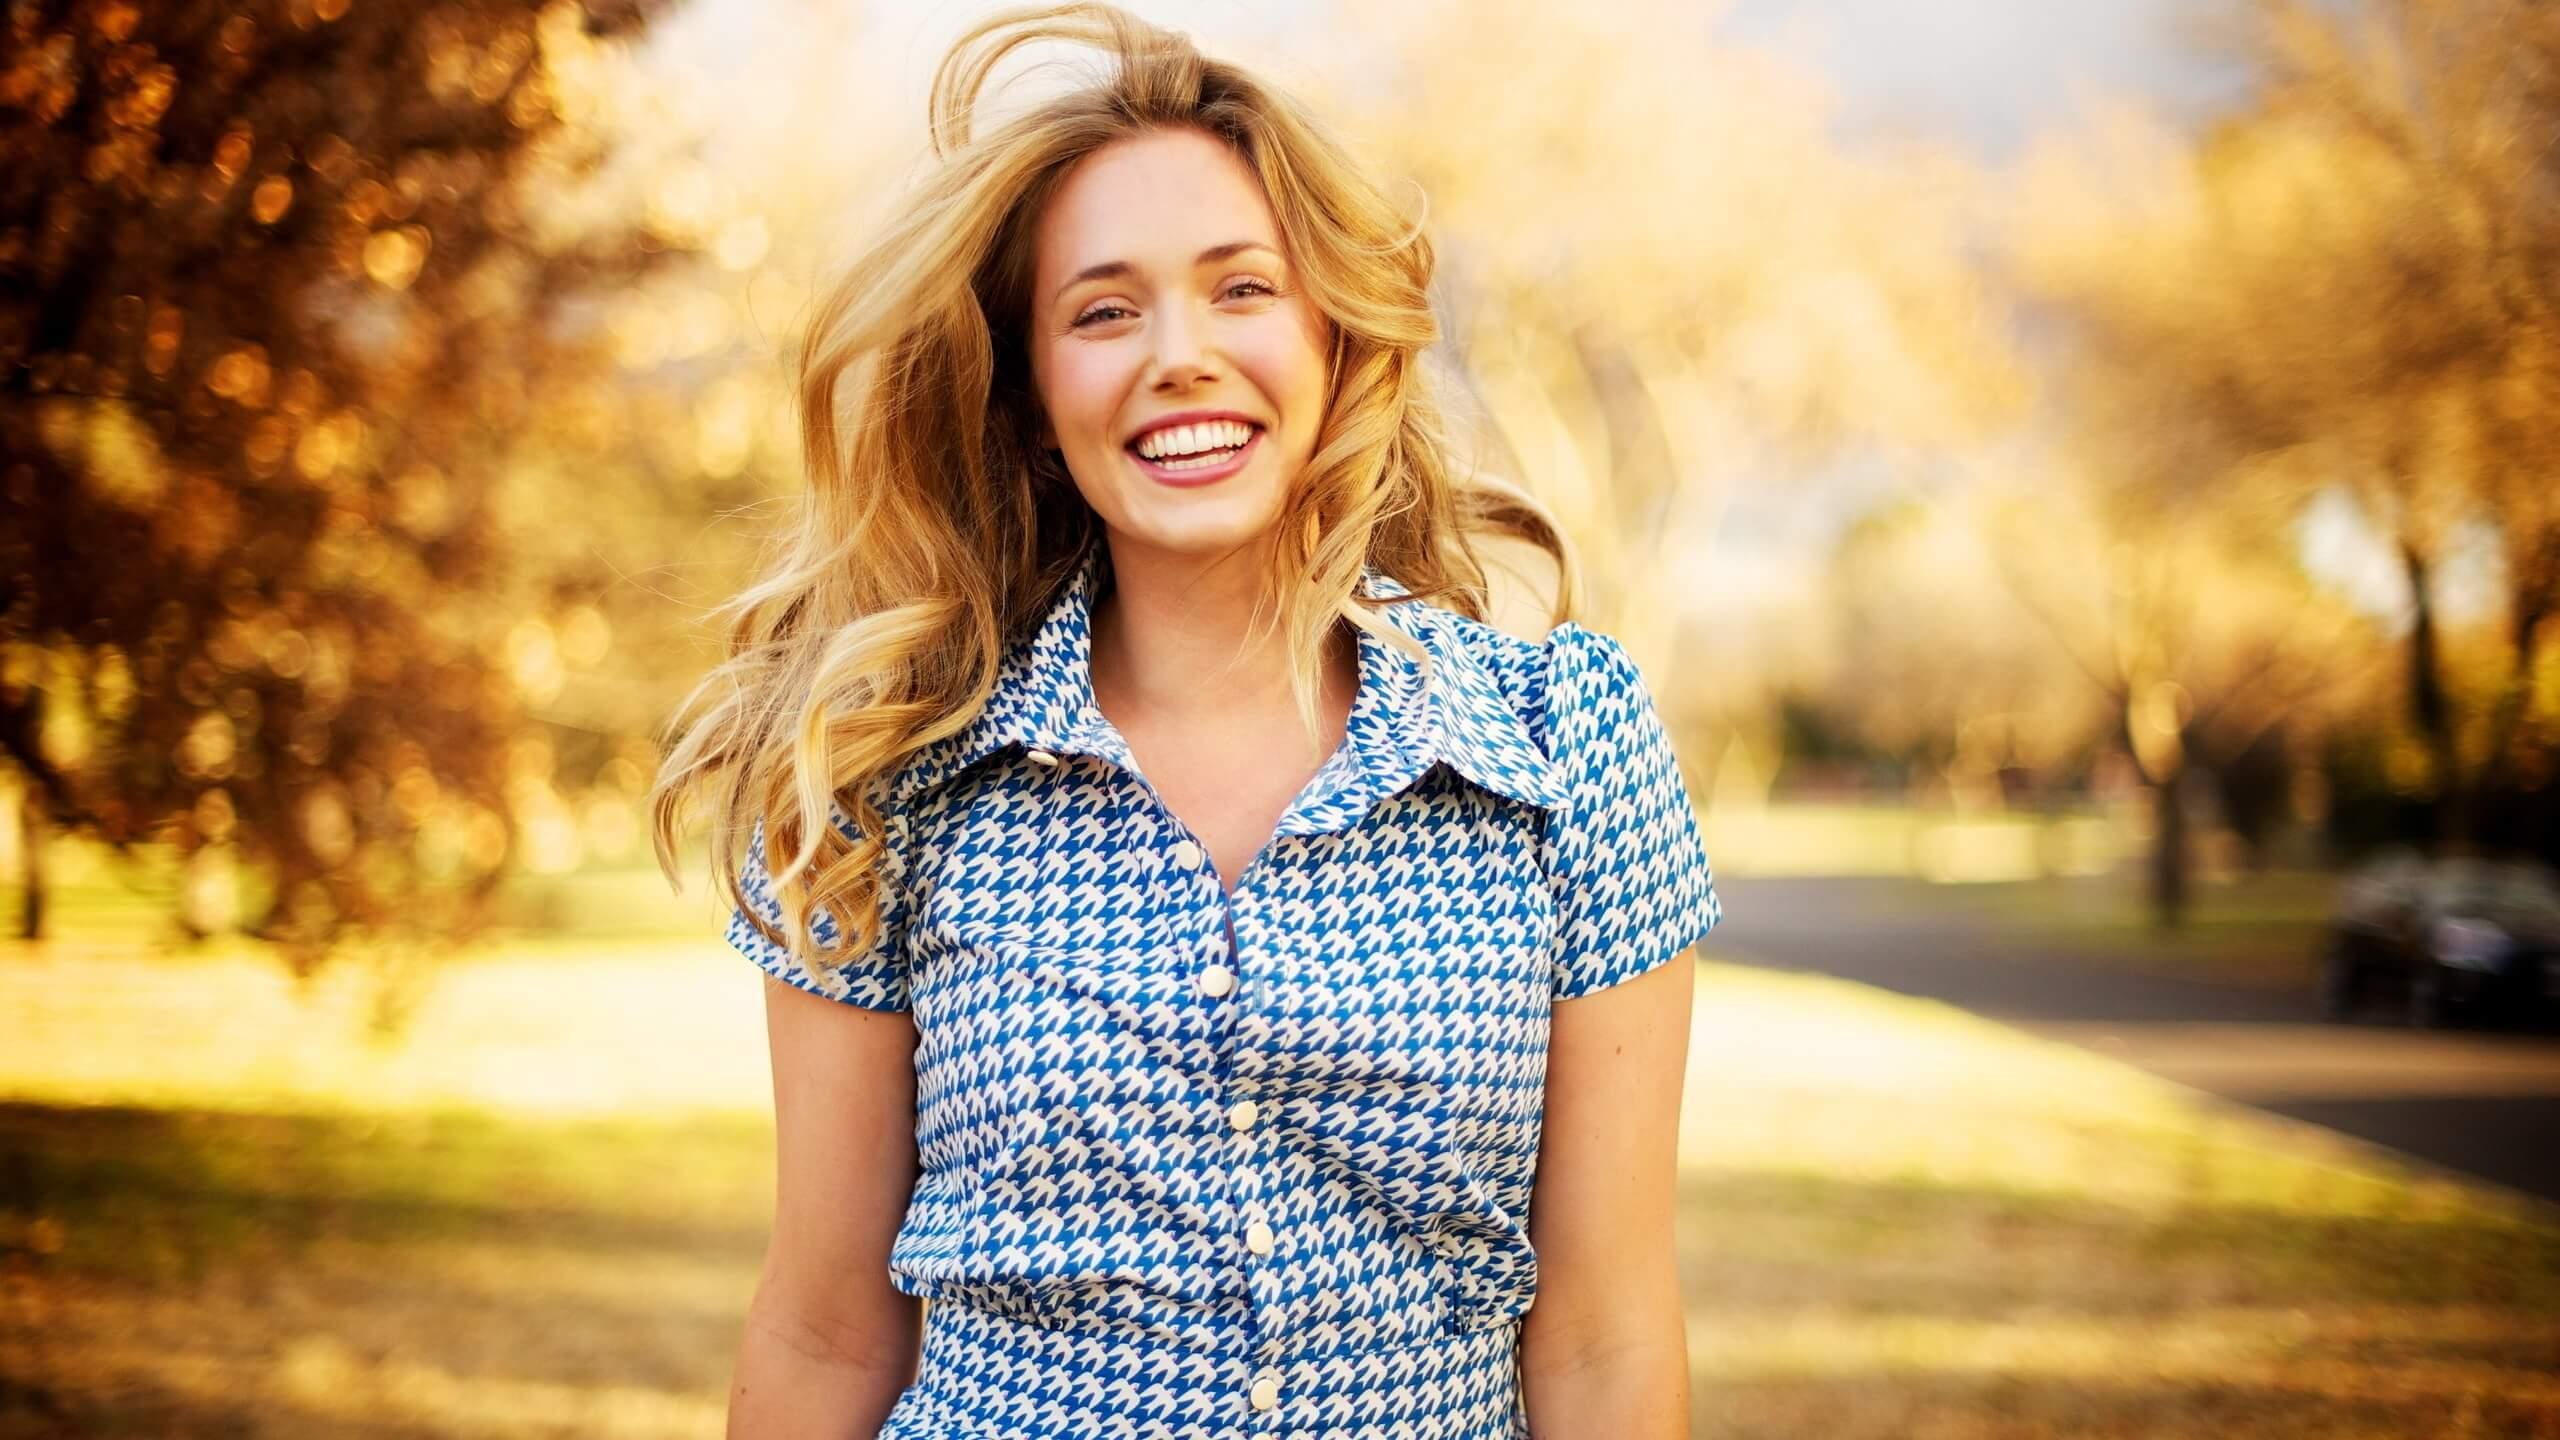 Frases Sobre Sorrisos Lindos As Melhores